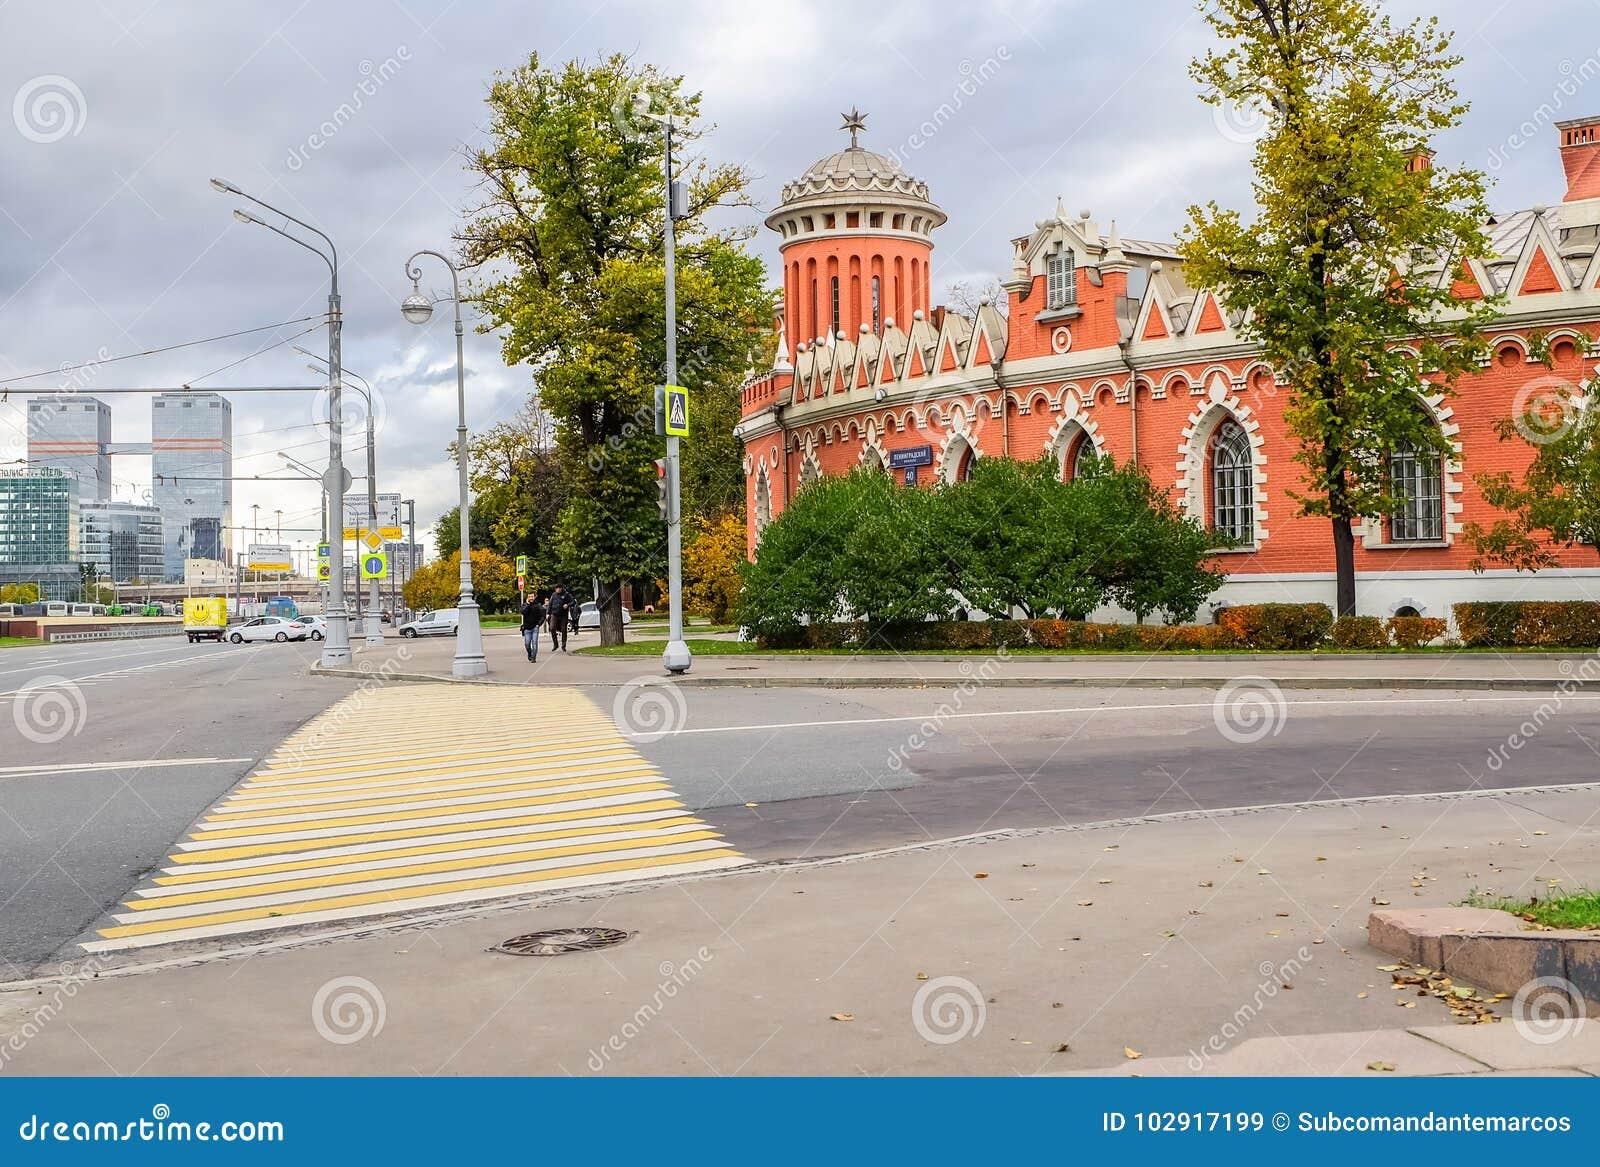 El paisaje urbano incluye arquitectura histórica espléndida de lado a lado con los formes minimalistas modernos, Moscú, Rusia